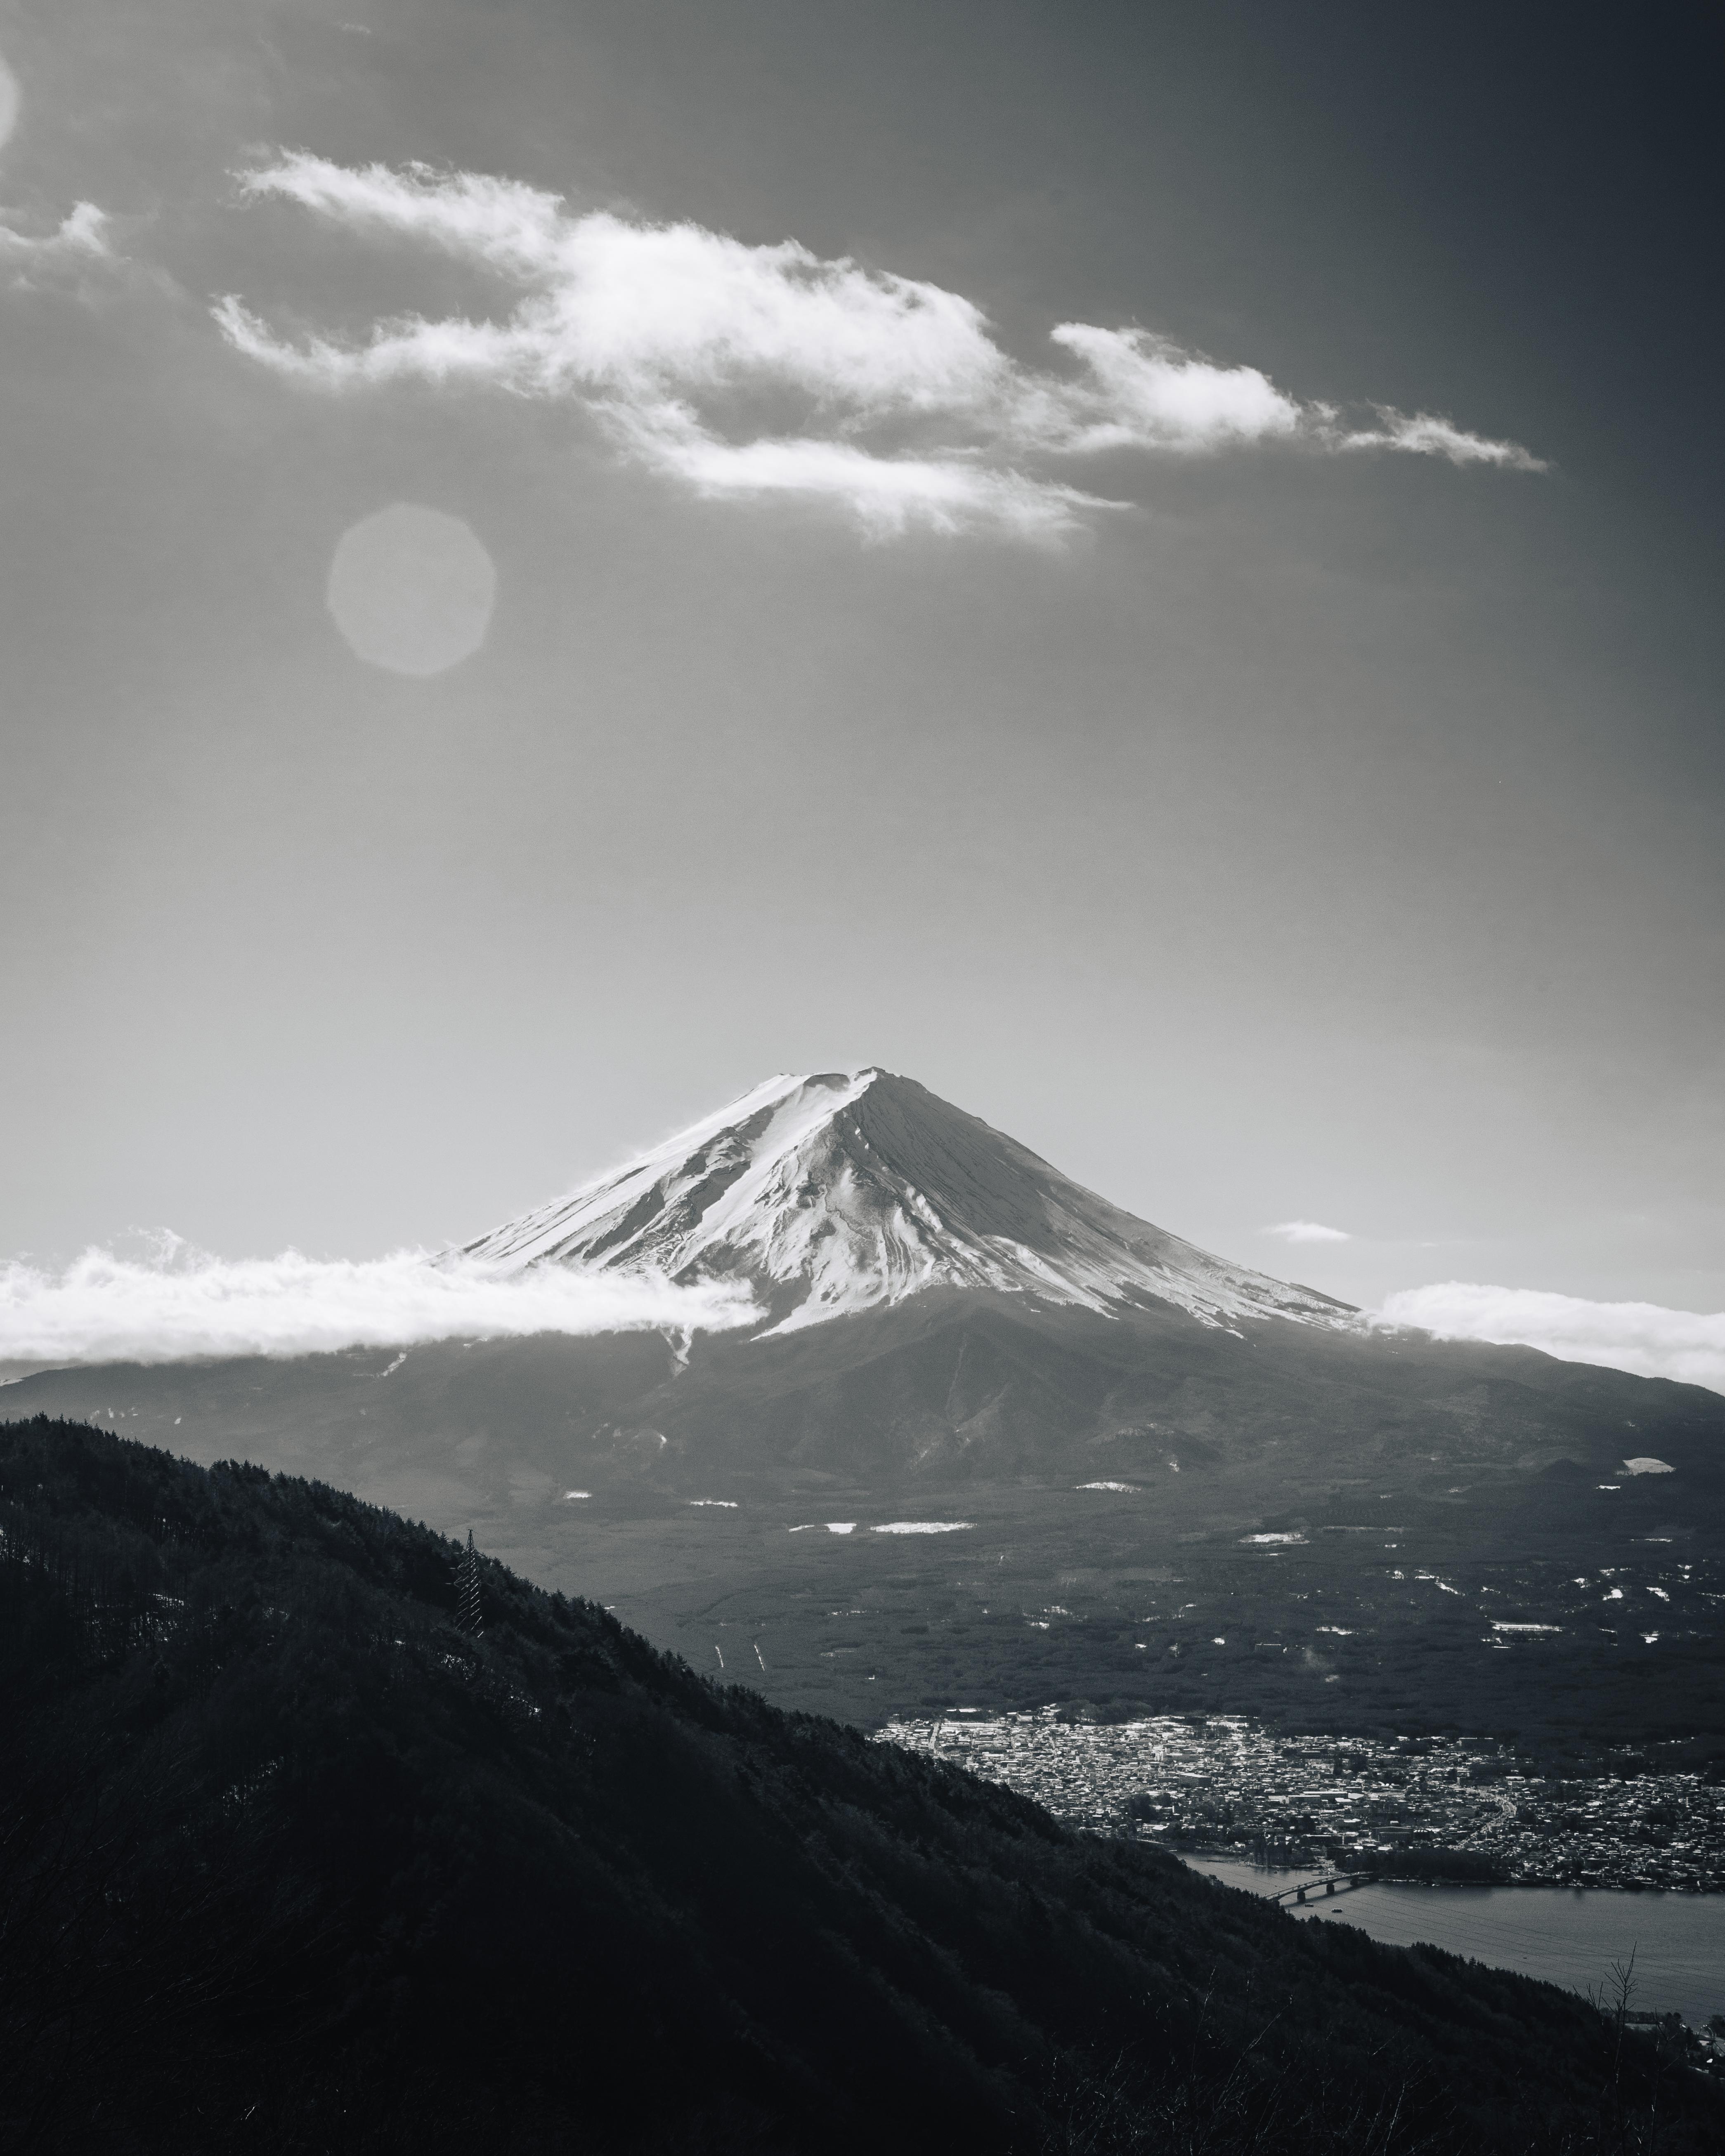 20191227_erickanigan_Fujiyoshida_0191